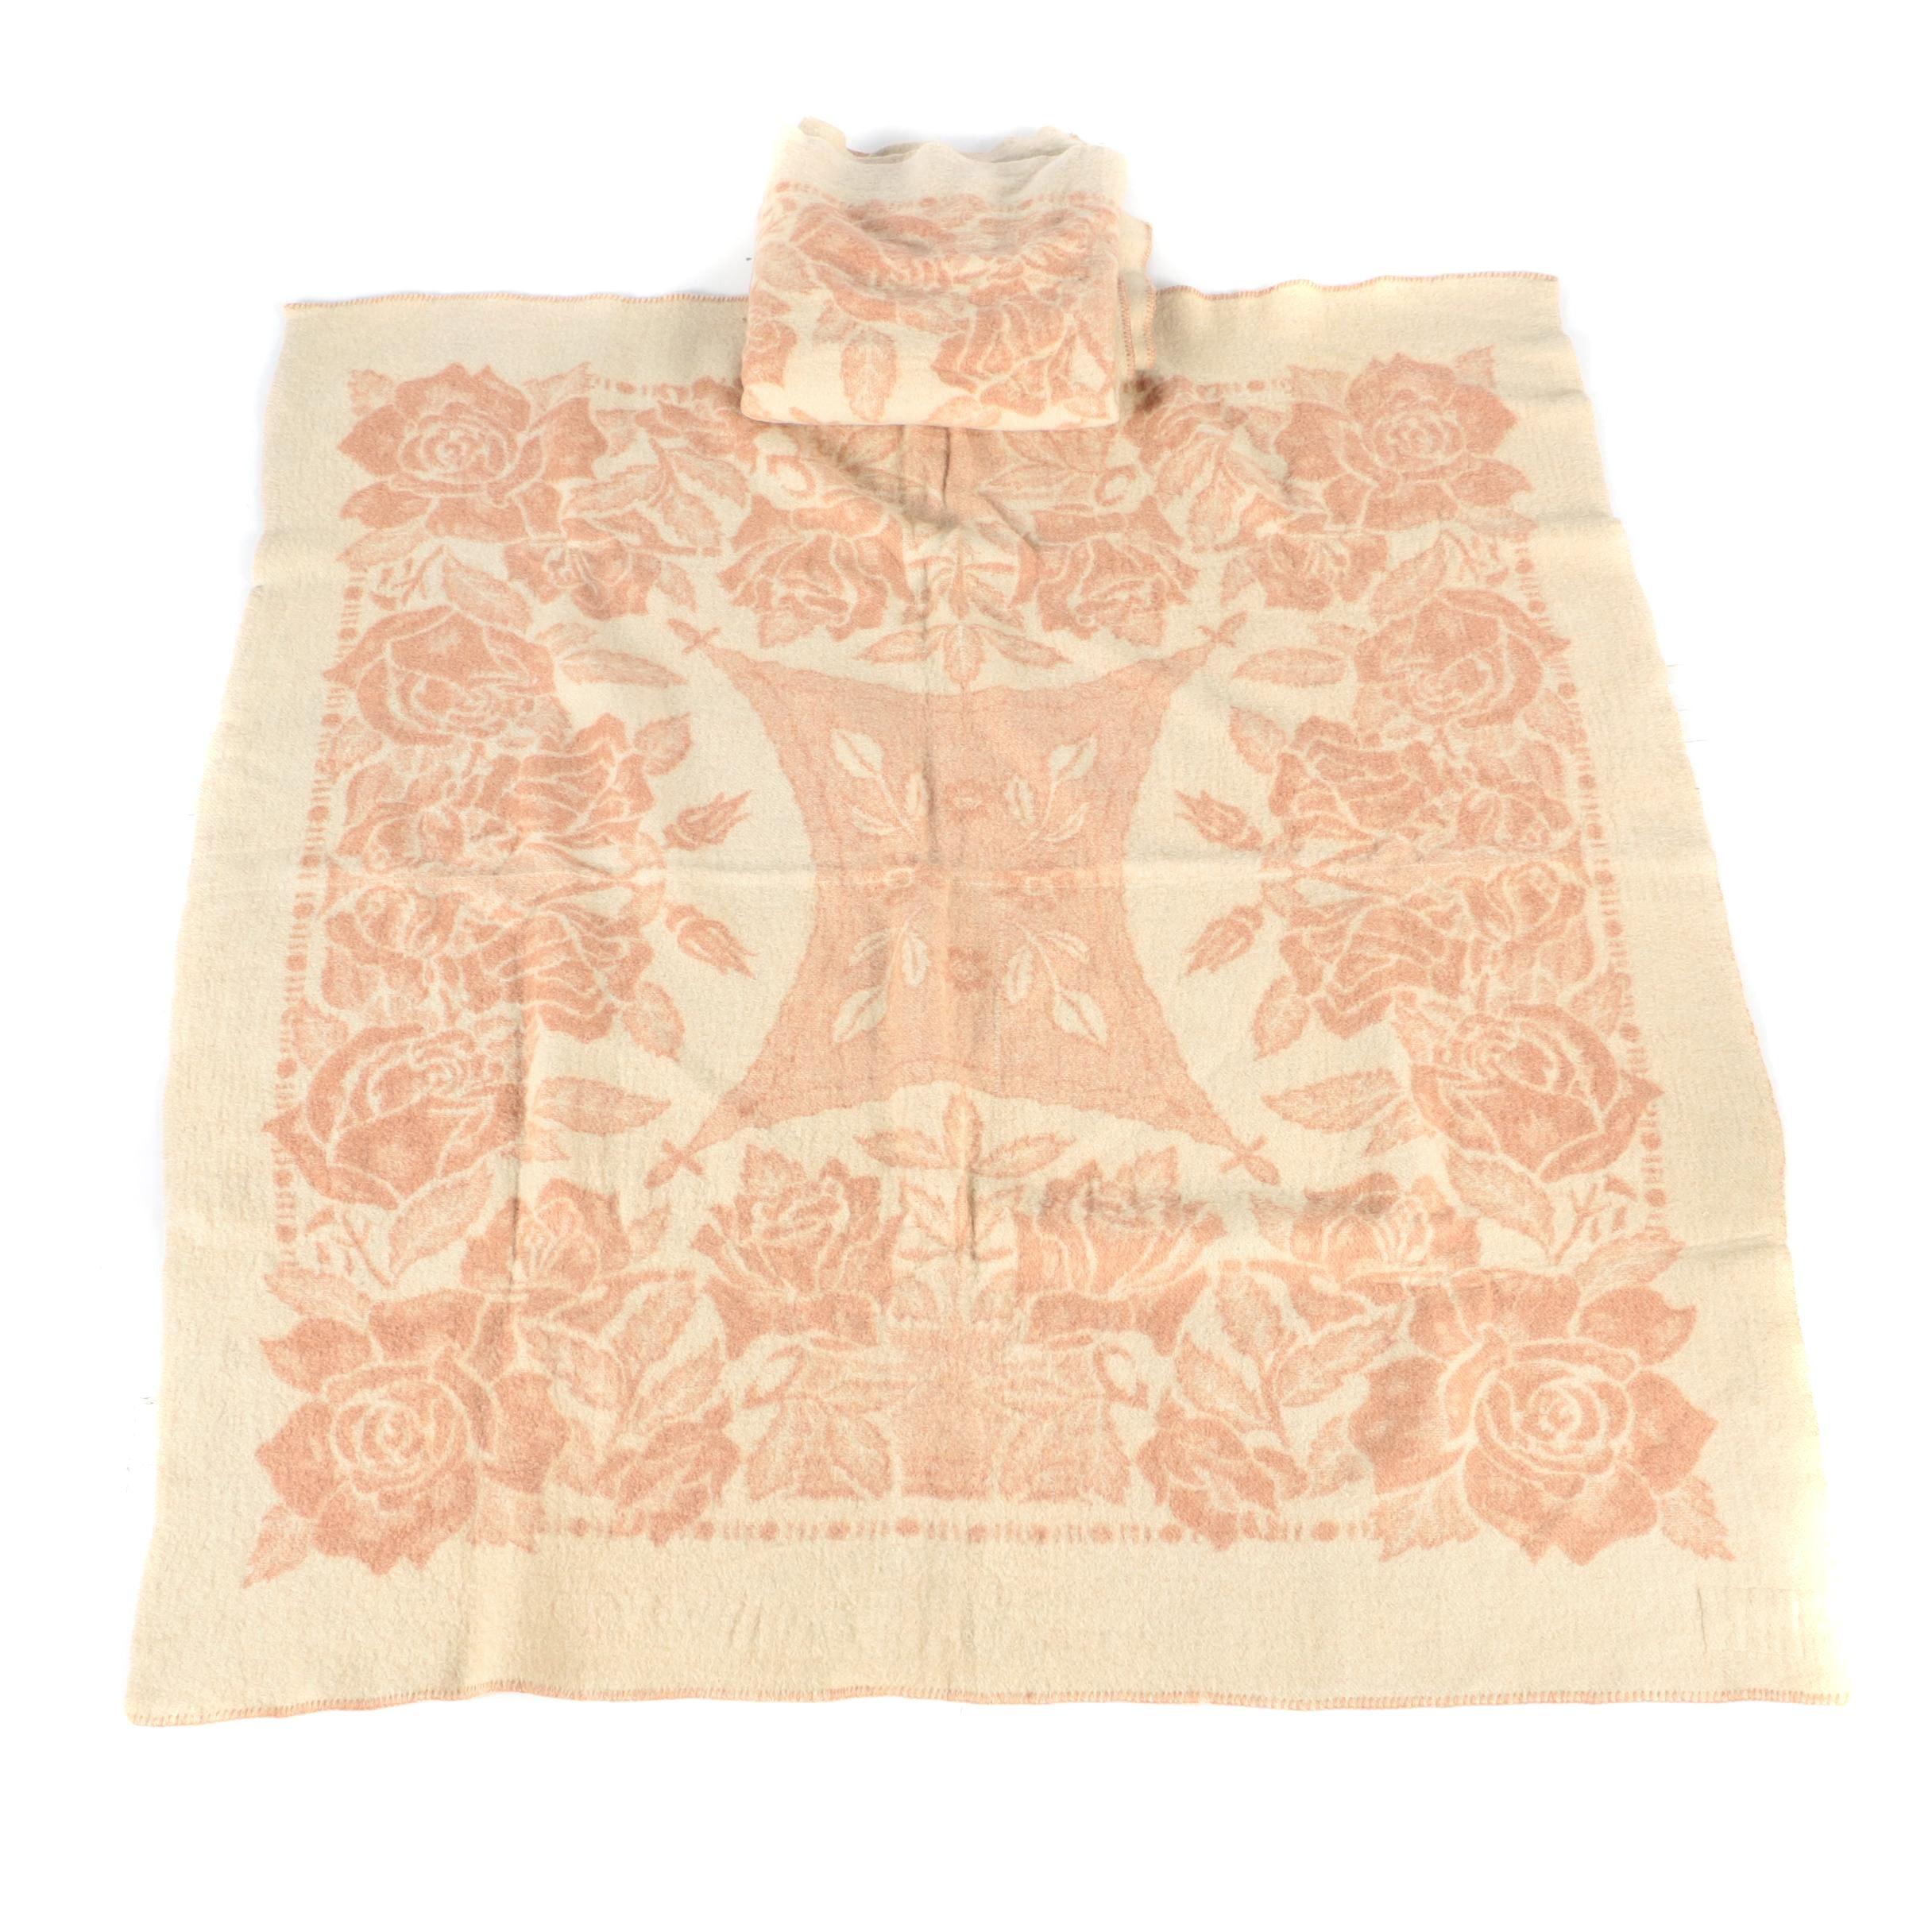 Pair of Vintage Orr Health Wool Blankets by the Orr Felt & Blanket Co.